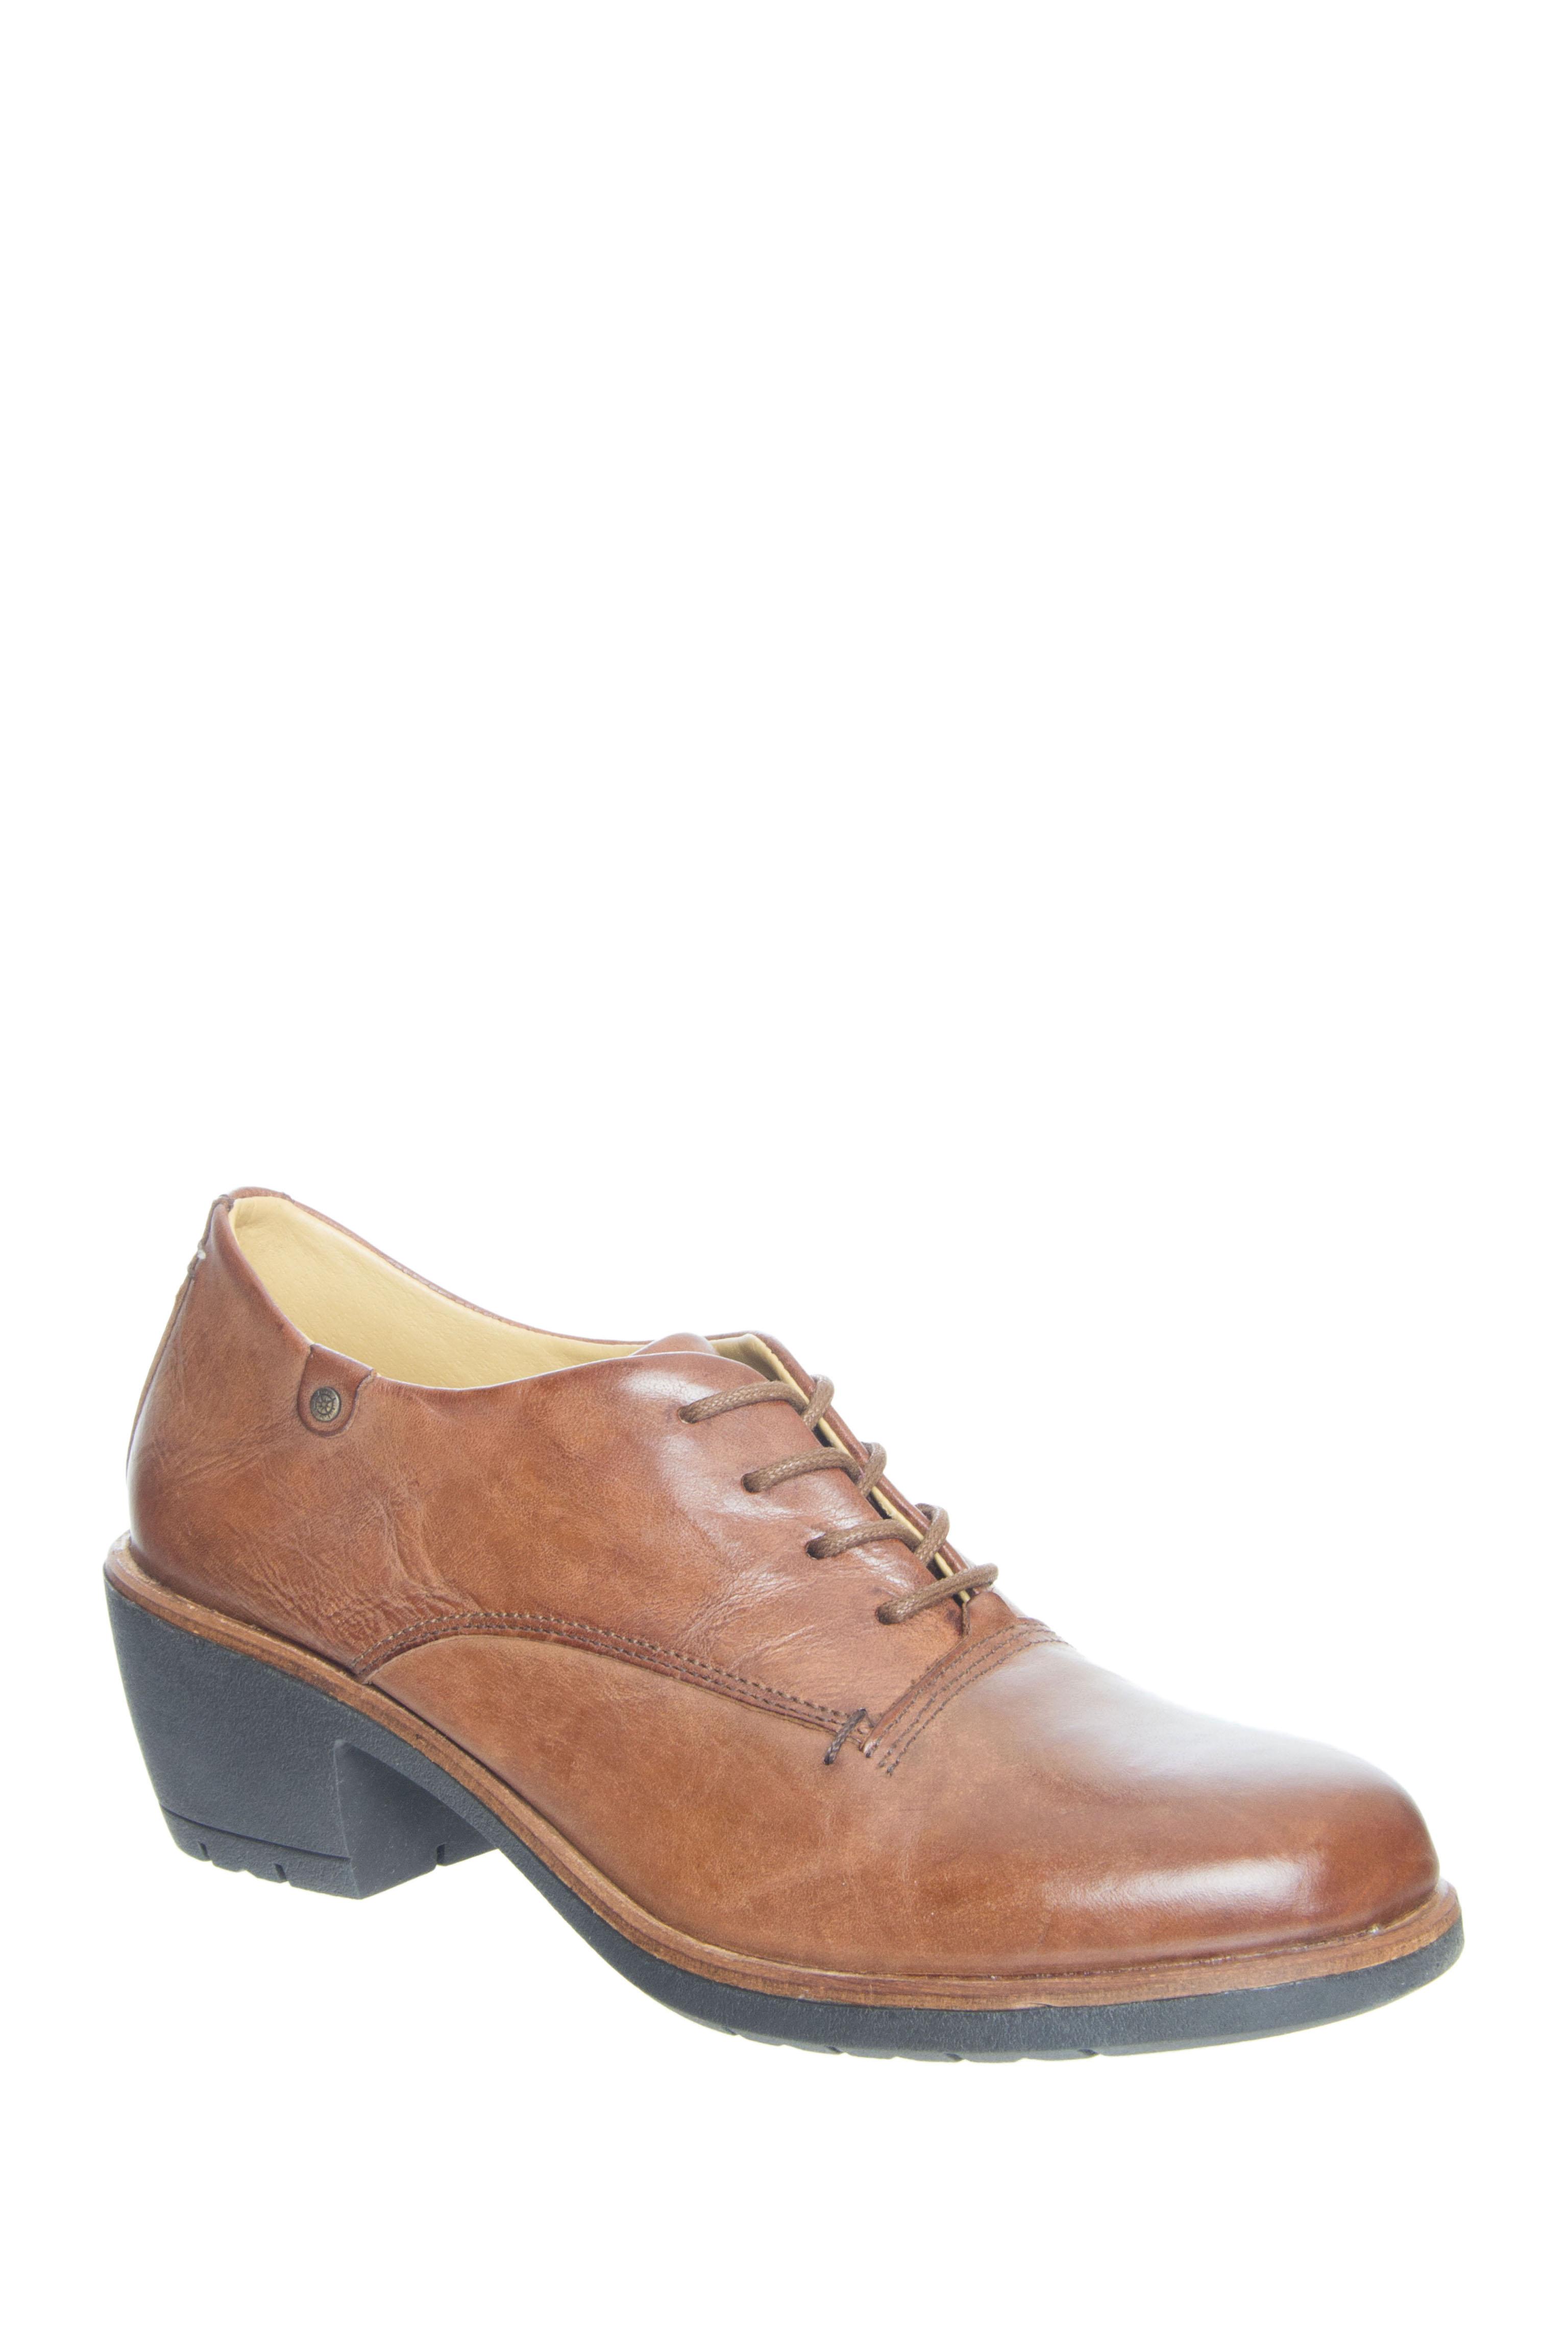 Bussola Shay Mid Heel Oxford - Cognac